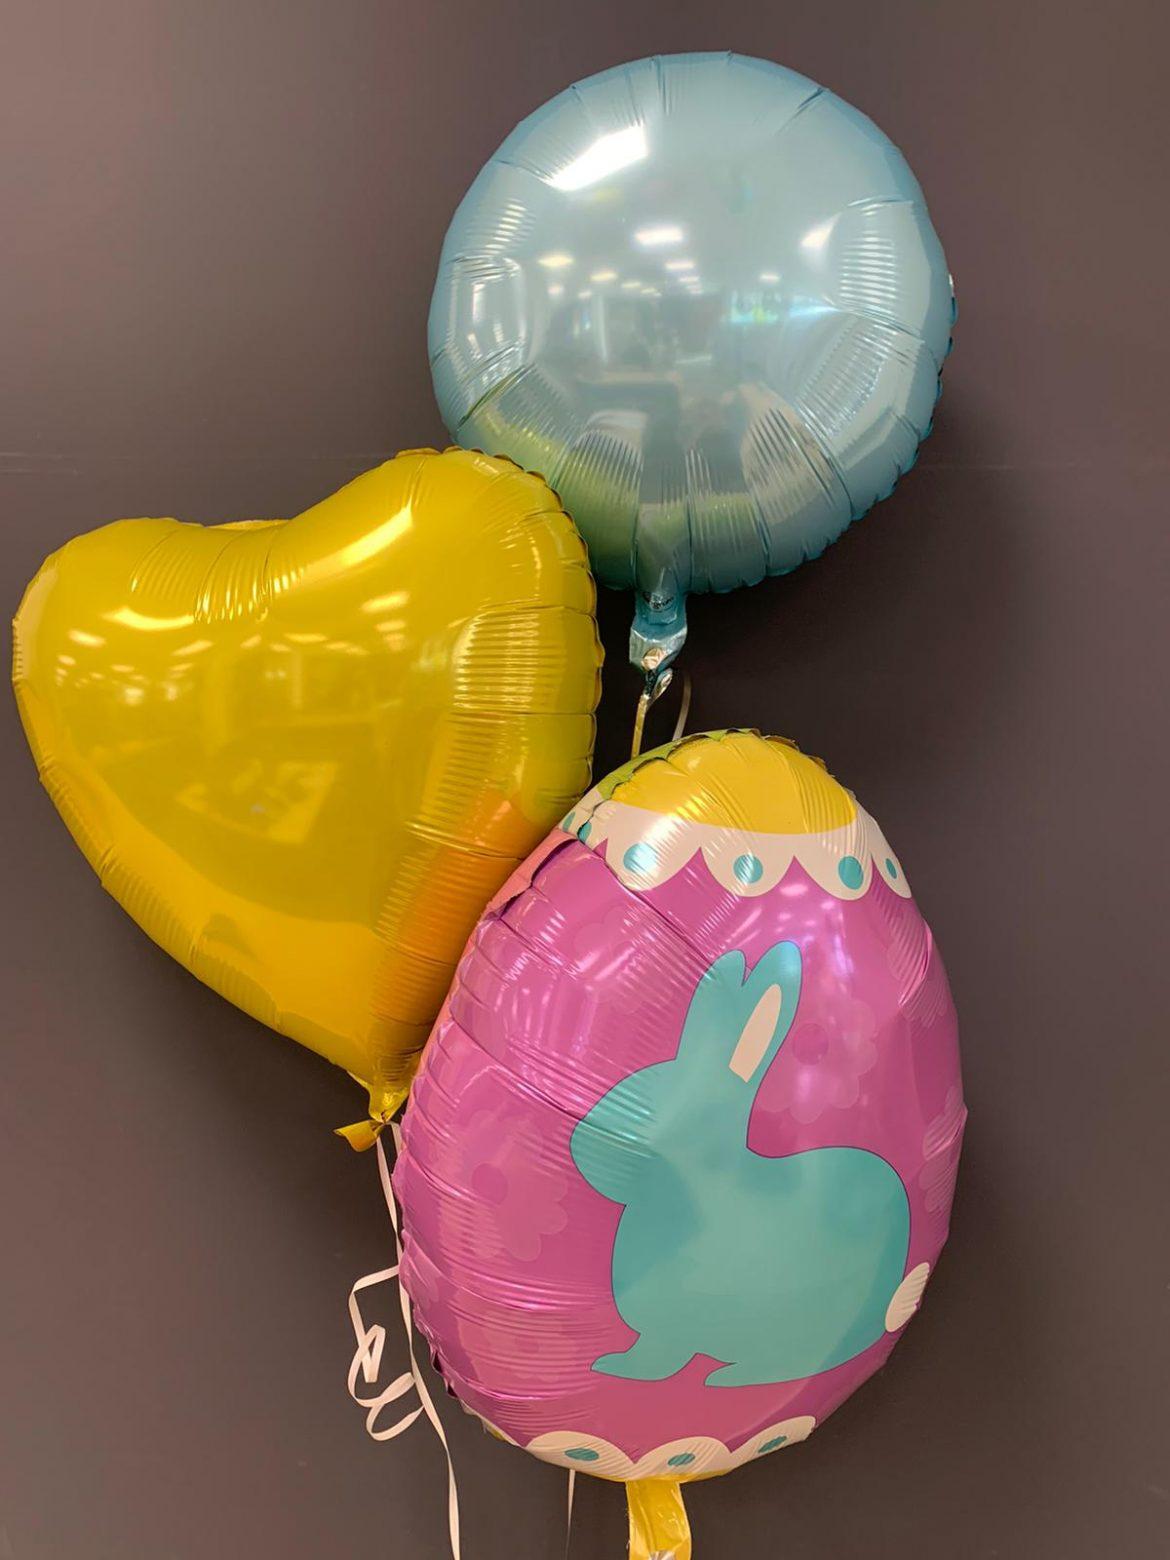 Ballon Ei und Haase